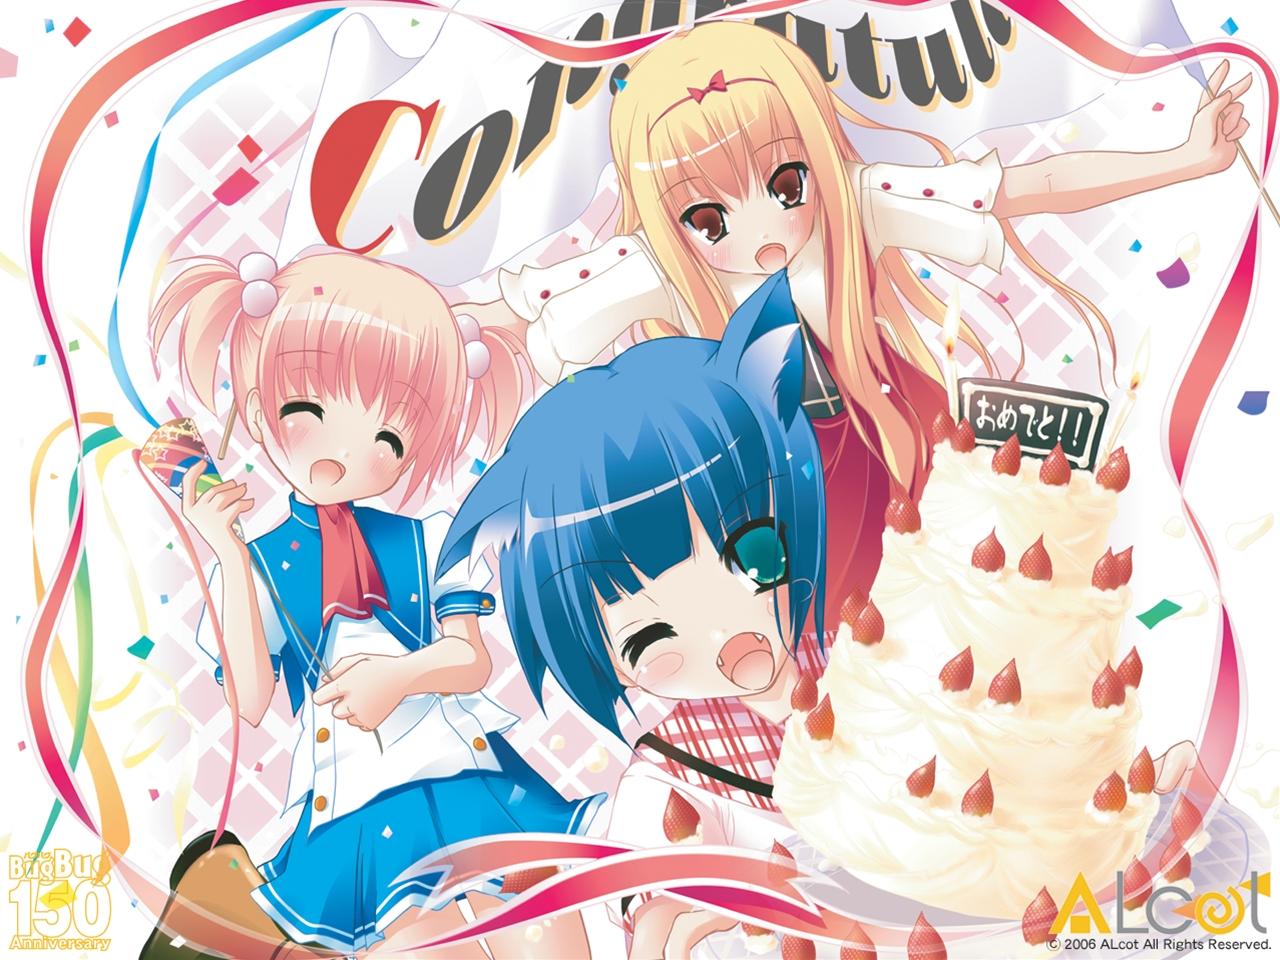 Carte d 39 anniversaire manga coleteremelly blog - Imprimer manga ...